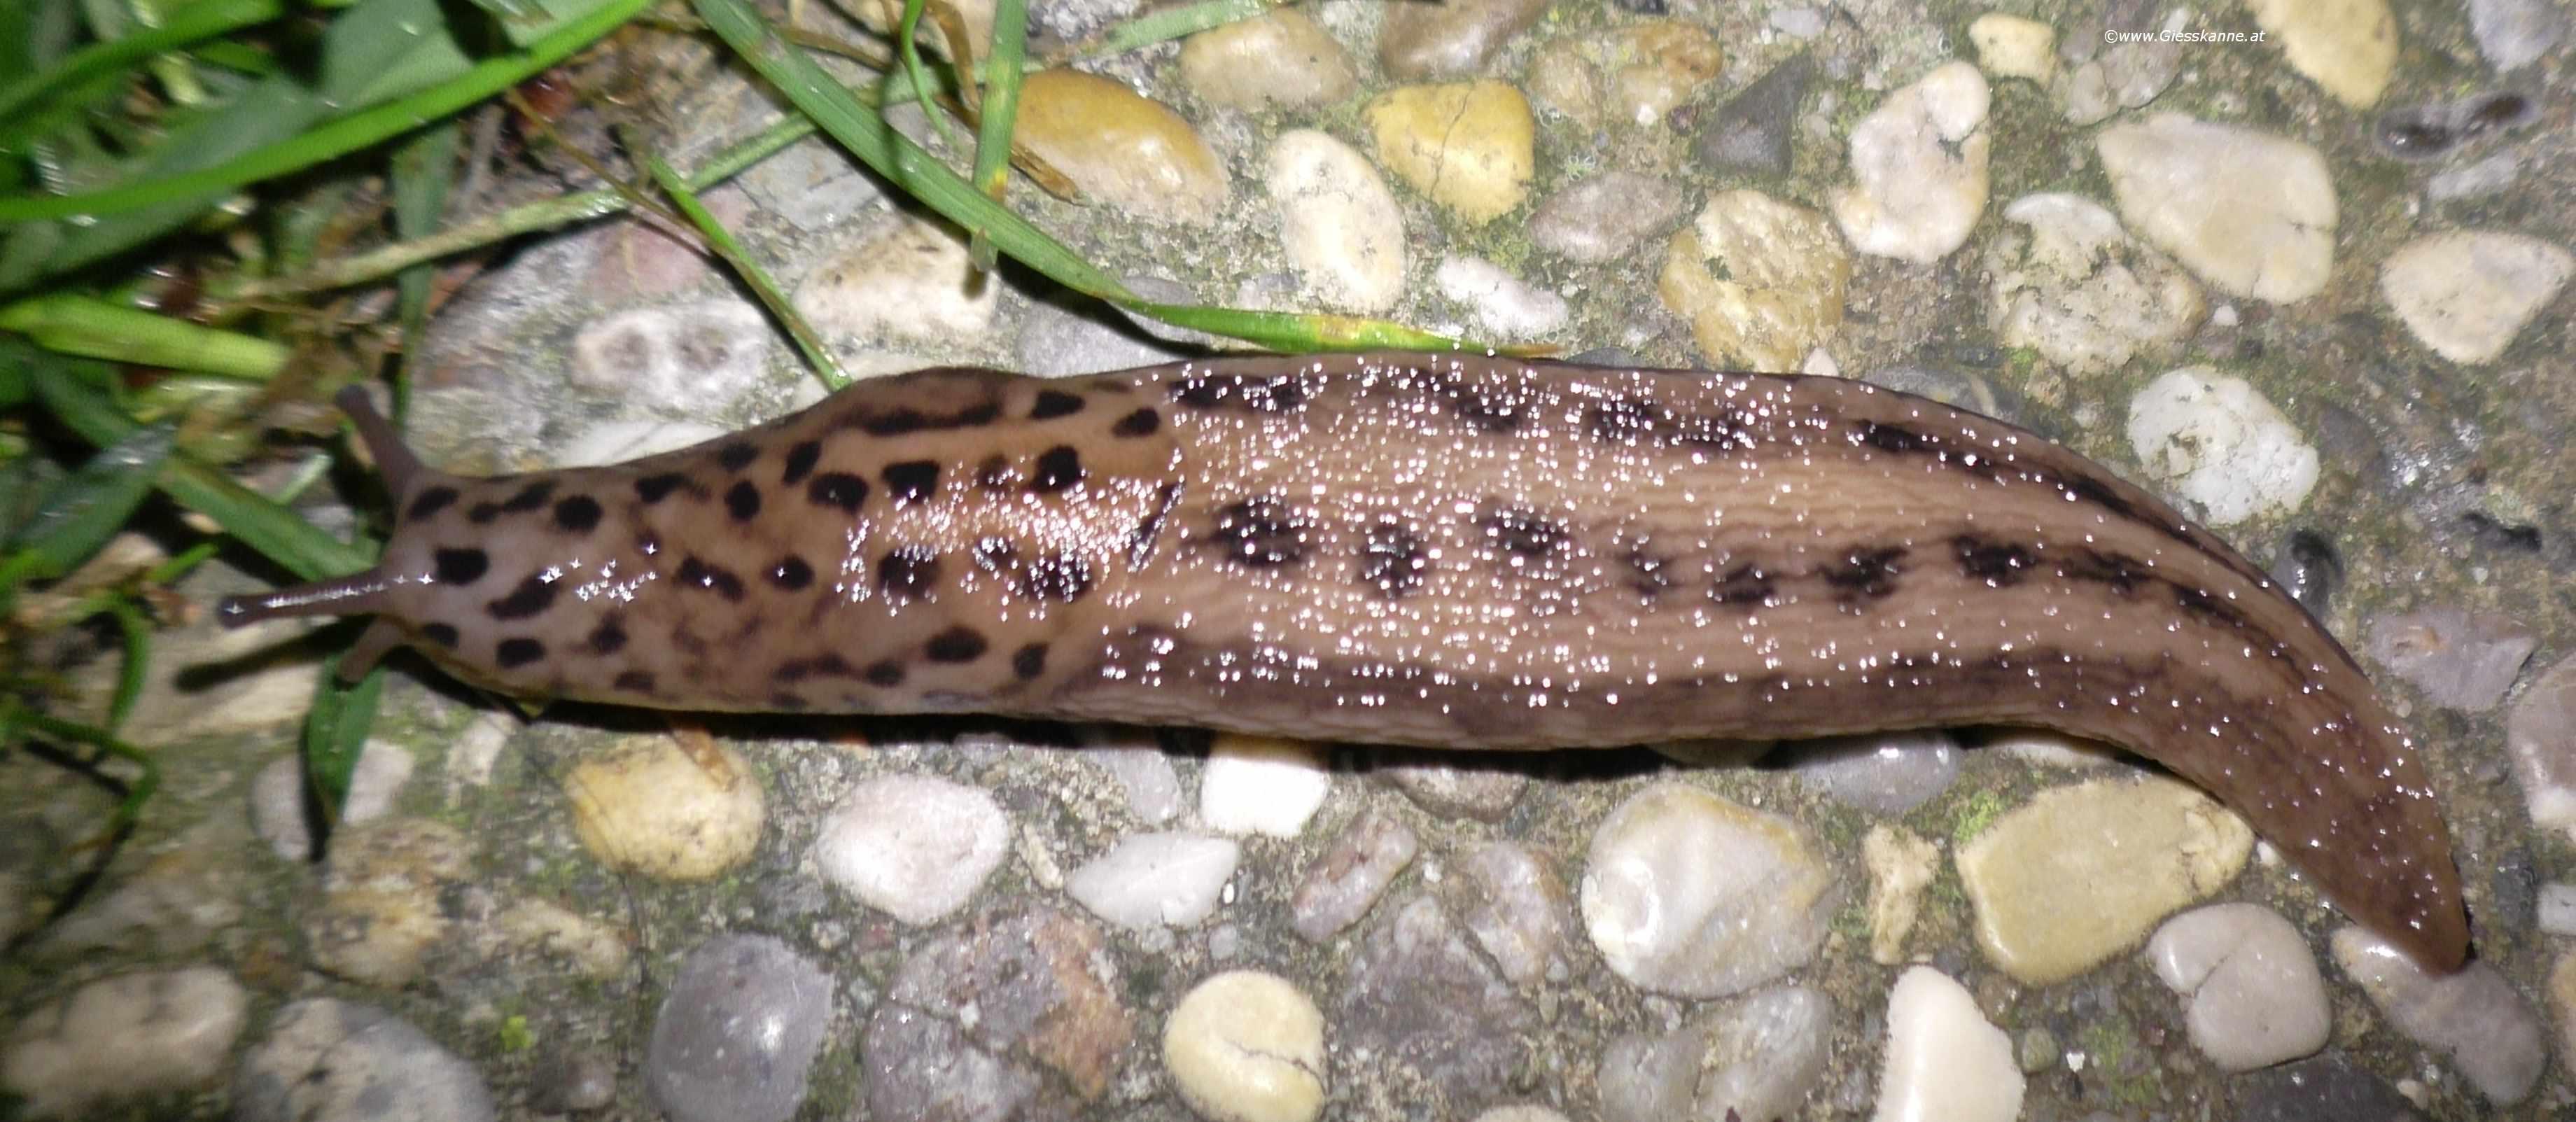 Tigerschnegel - Limax maximus